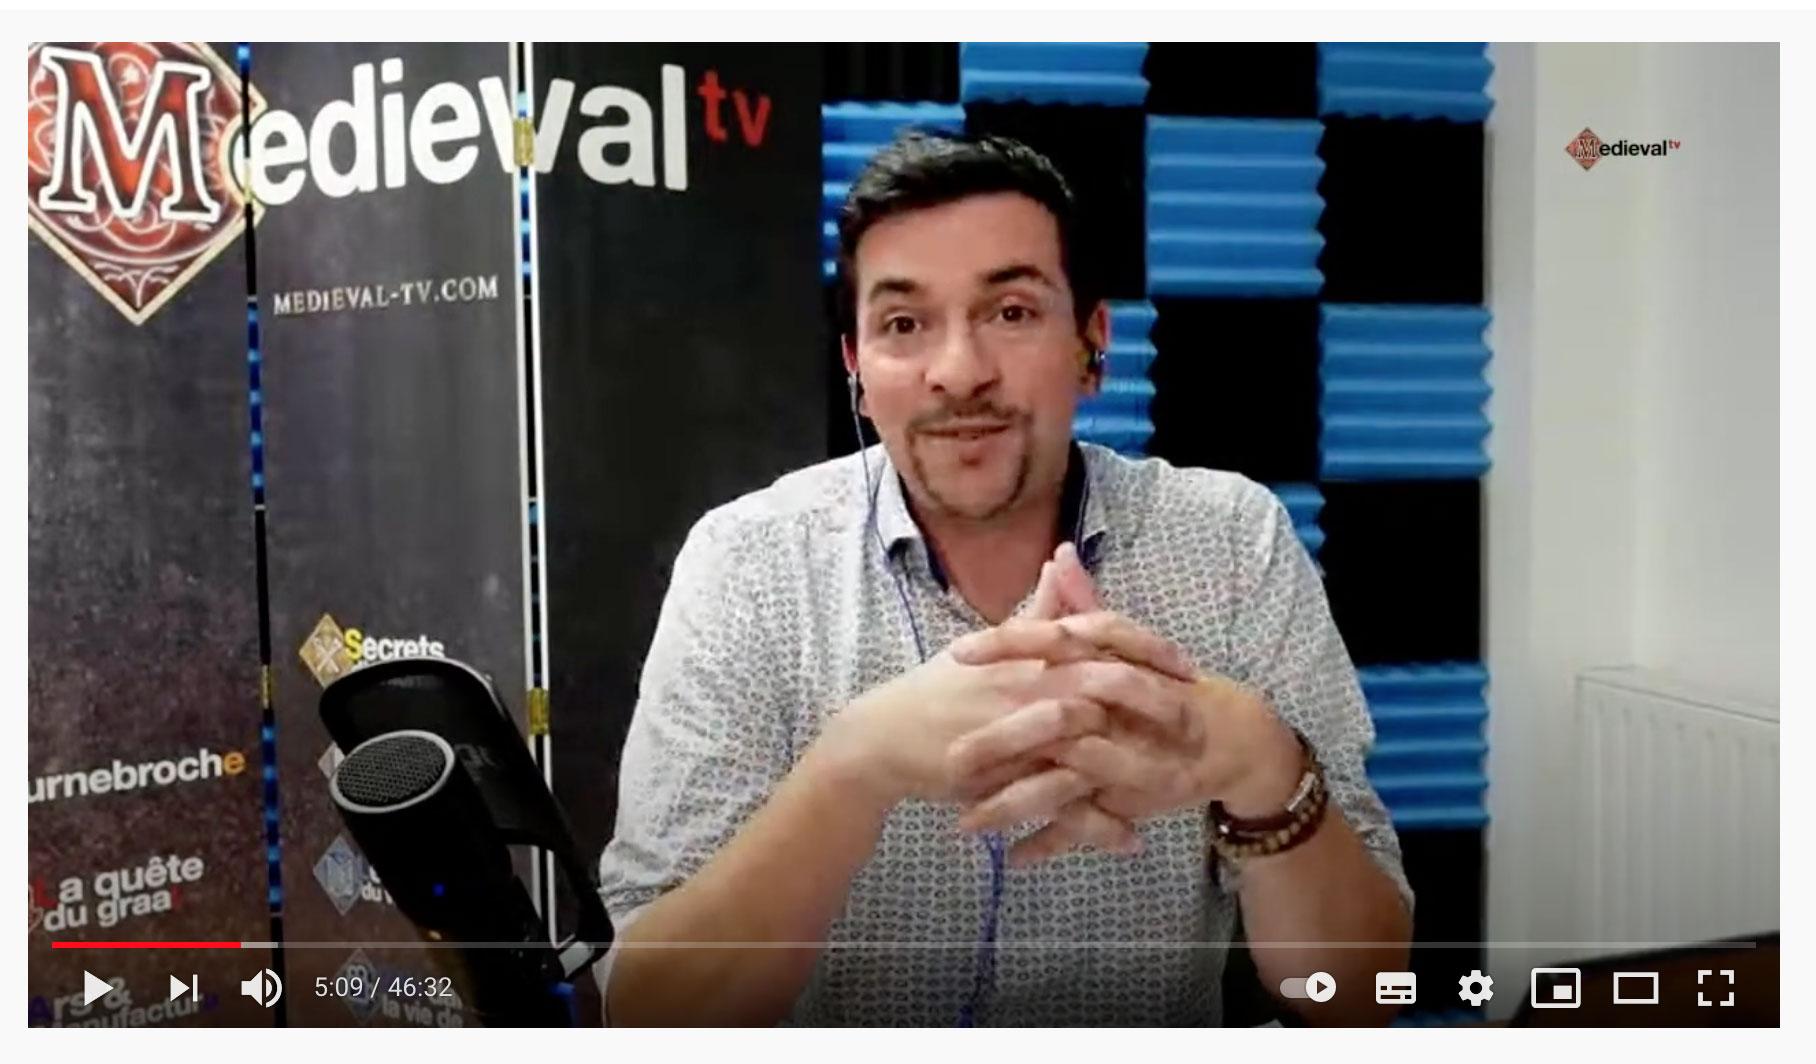 live medieval tv avec David Frecinaux de Commun-Id